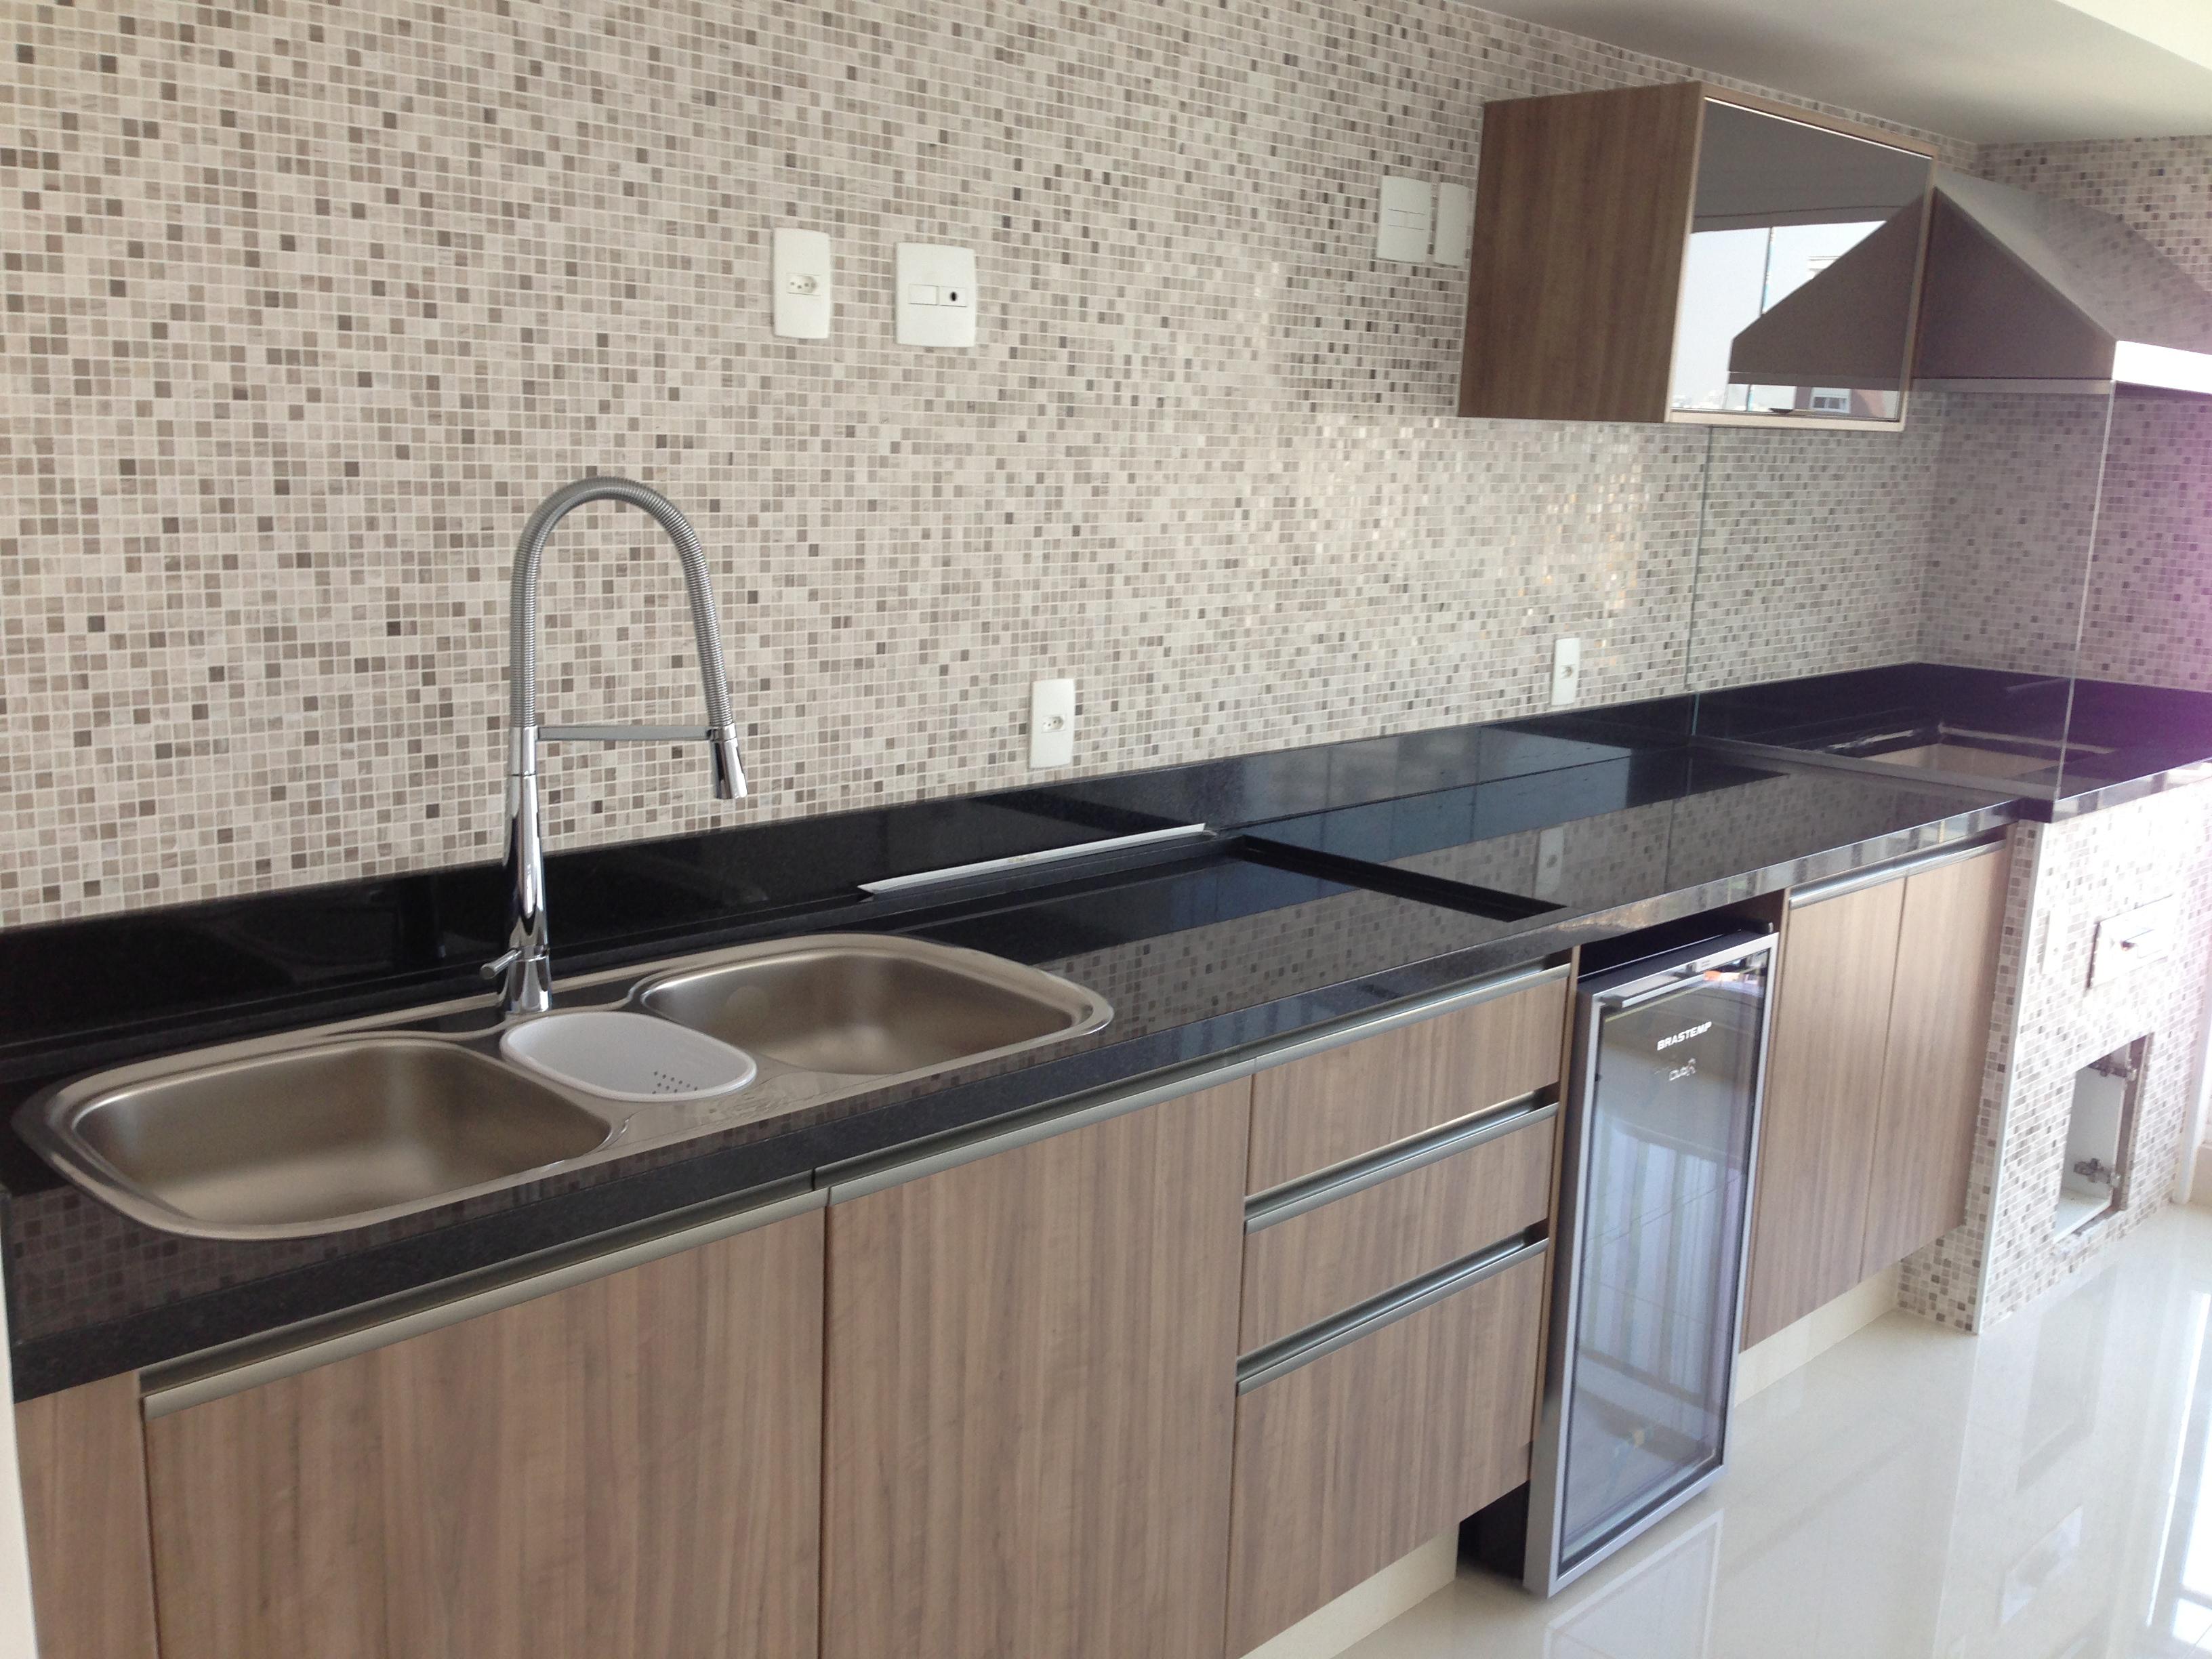 #725E4F Marmores e Granitos em Guarulhos com Pedras Olivares 3264x2448 px Bancada De Granito Para Cozinha Americana Preço_2423 Imagens